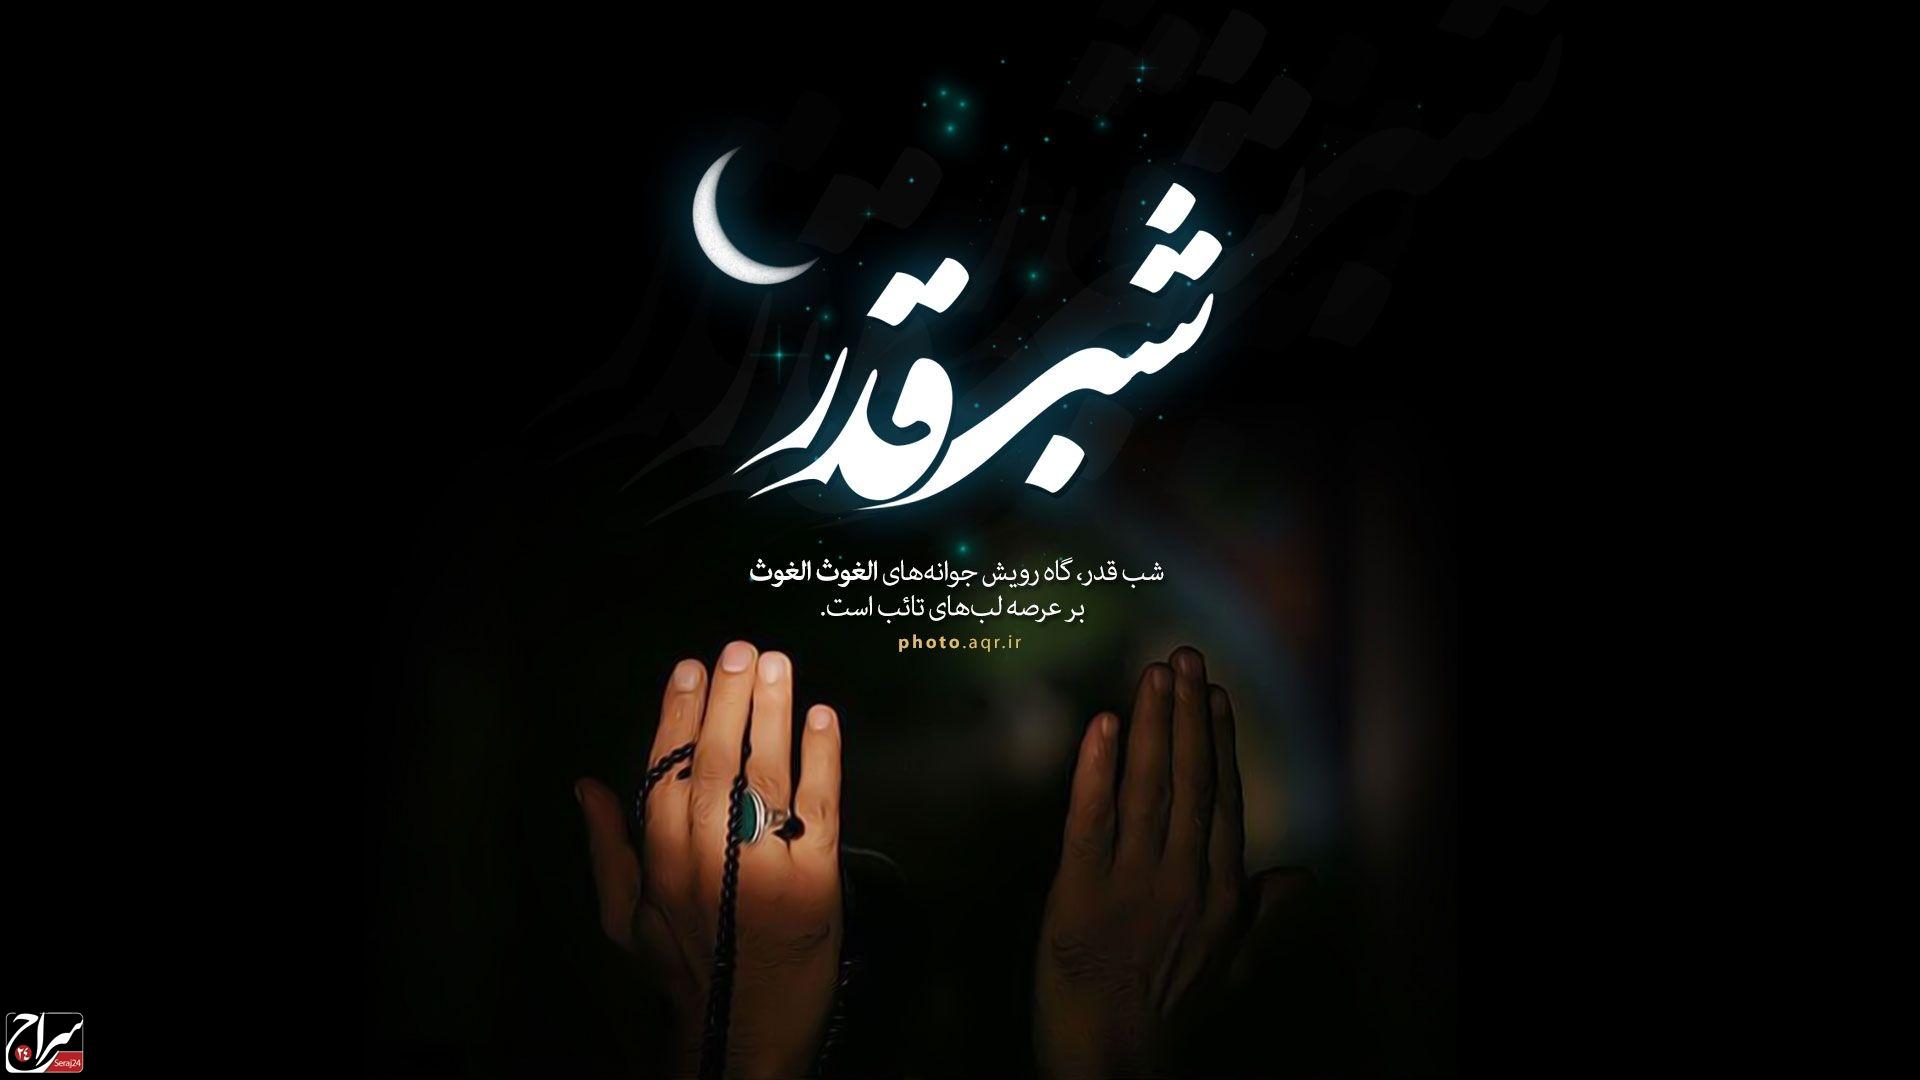 اعمال شب نوزدهم ماه مبارک رمضان/ثواب زیارت امام حسین(ع) در شب قدر